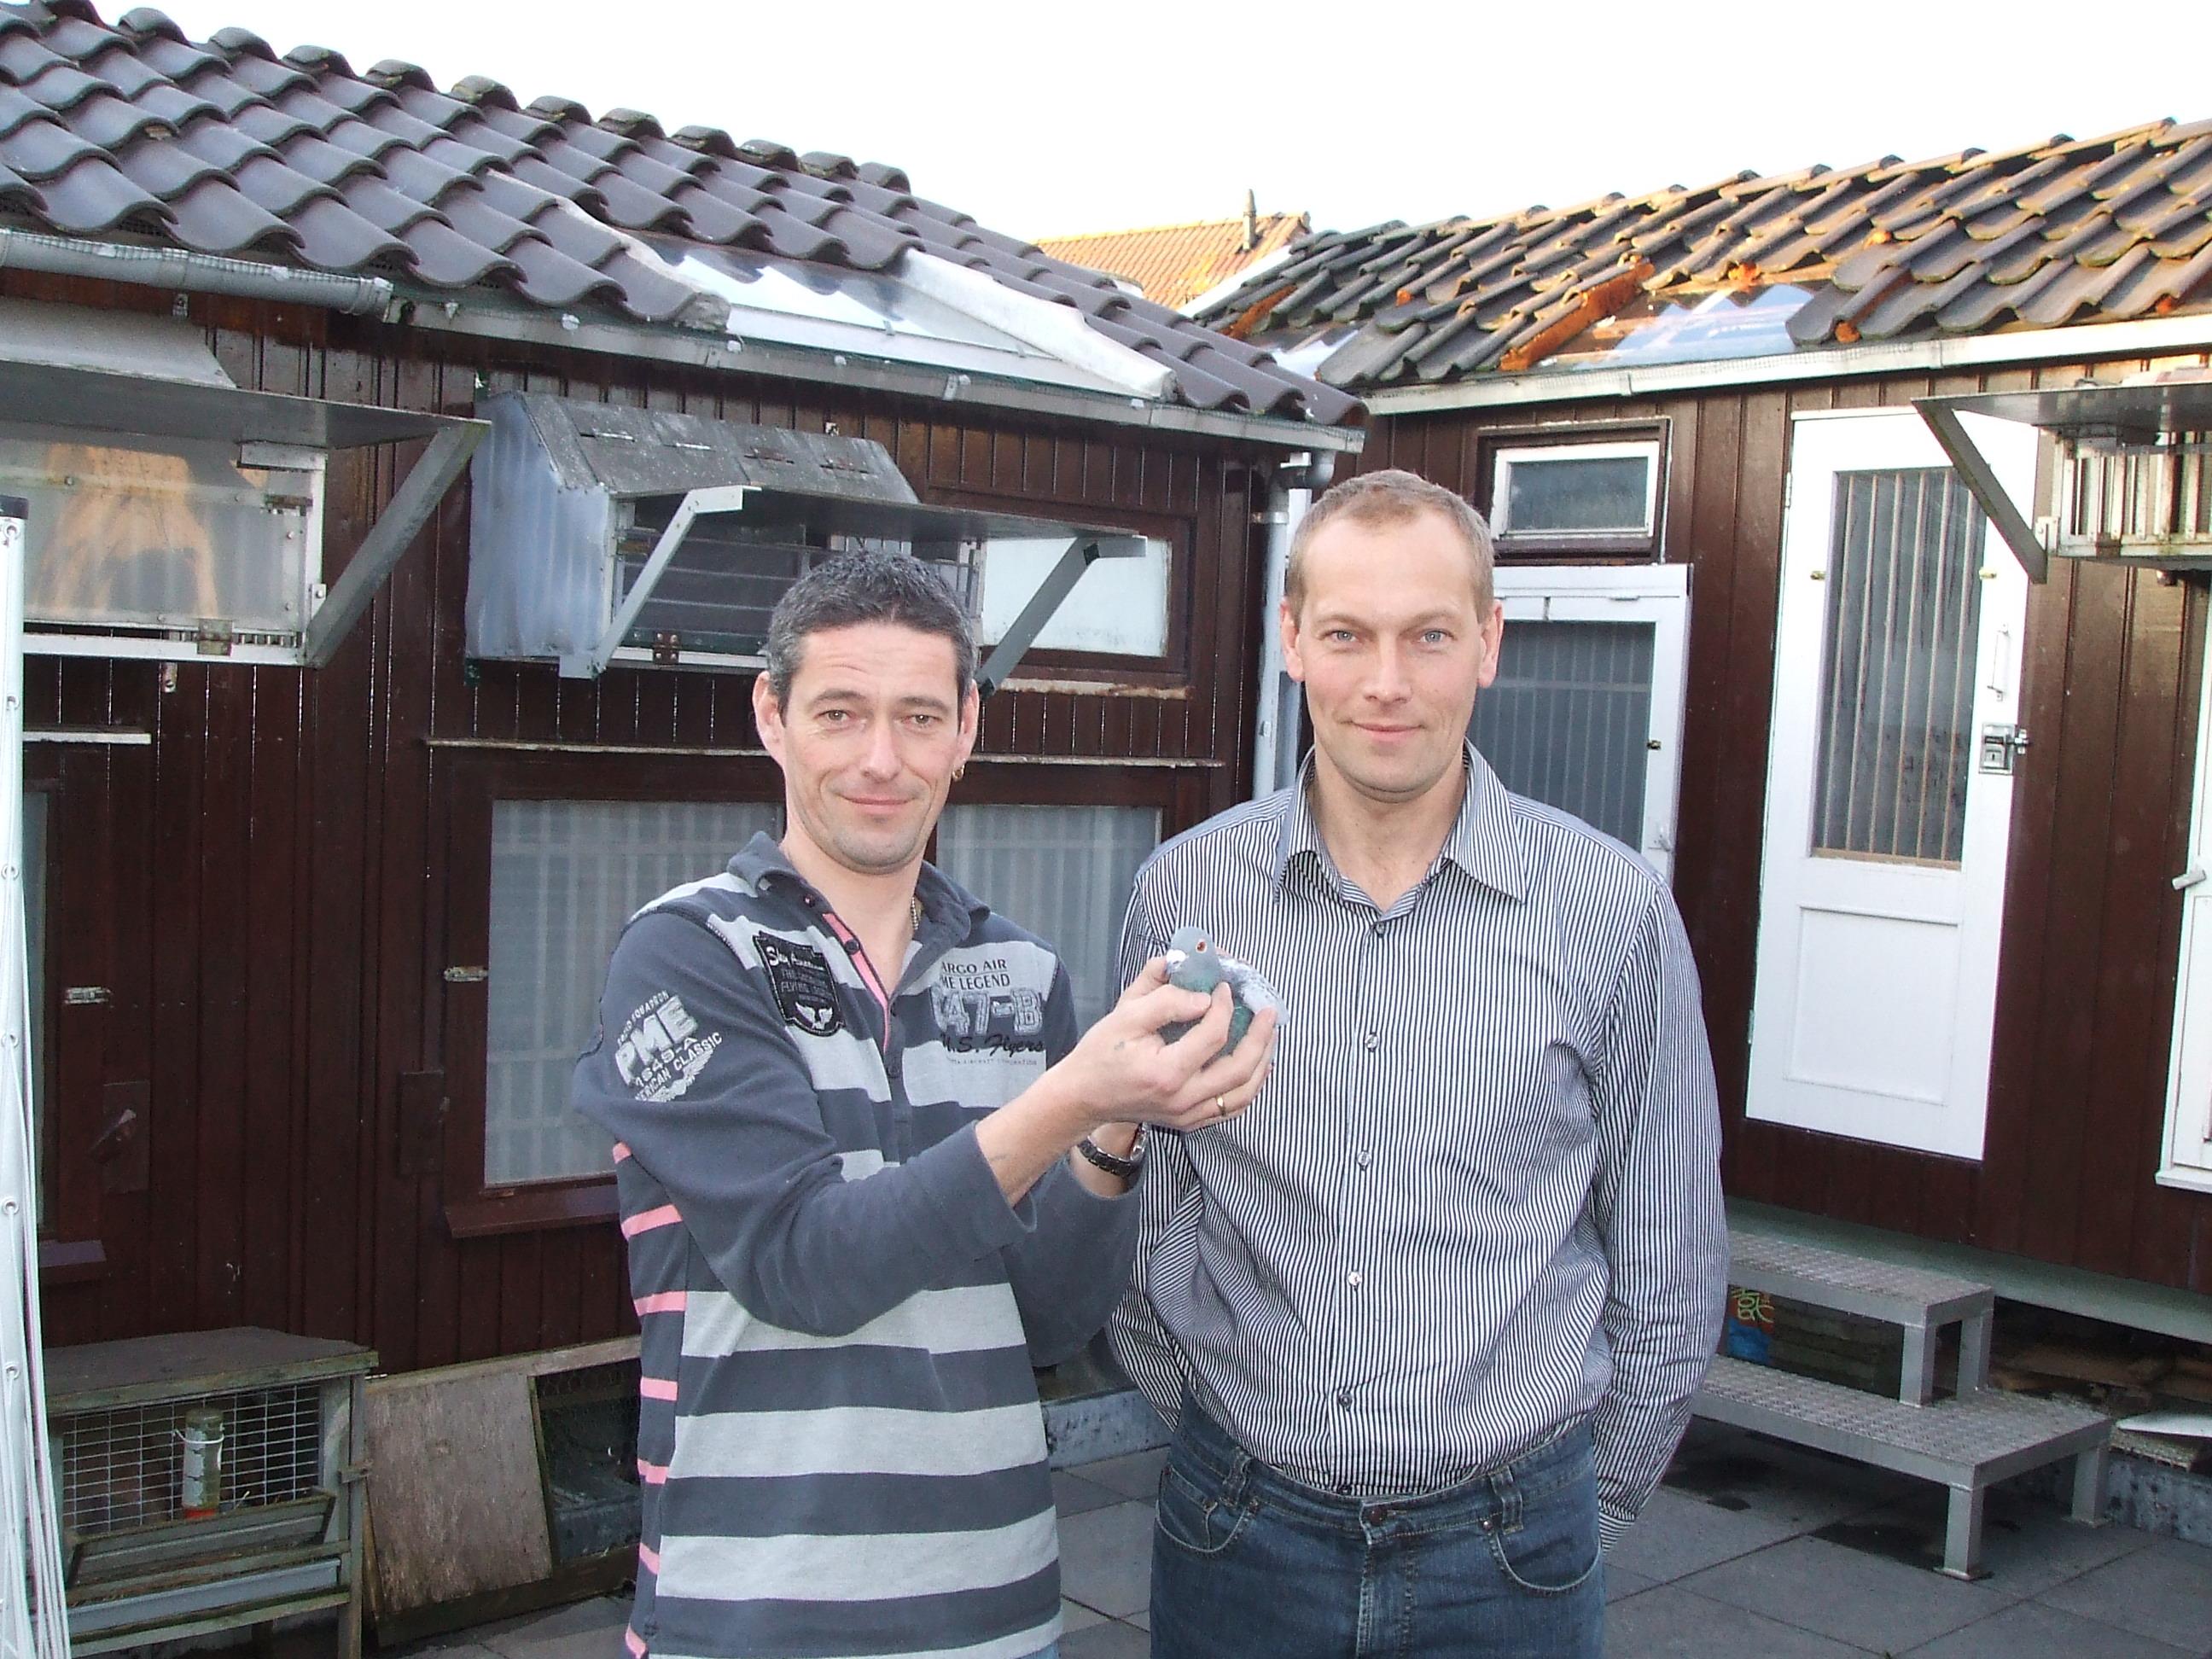 Belzen van Kees en Joop, dec. 2009